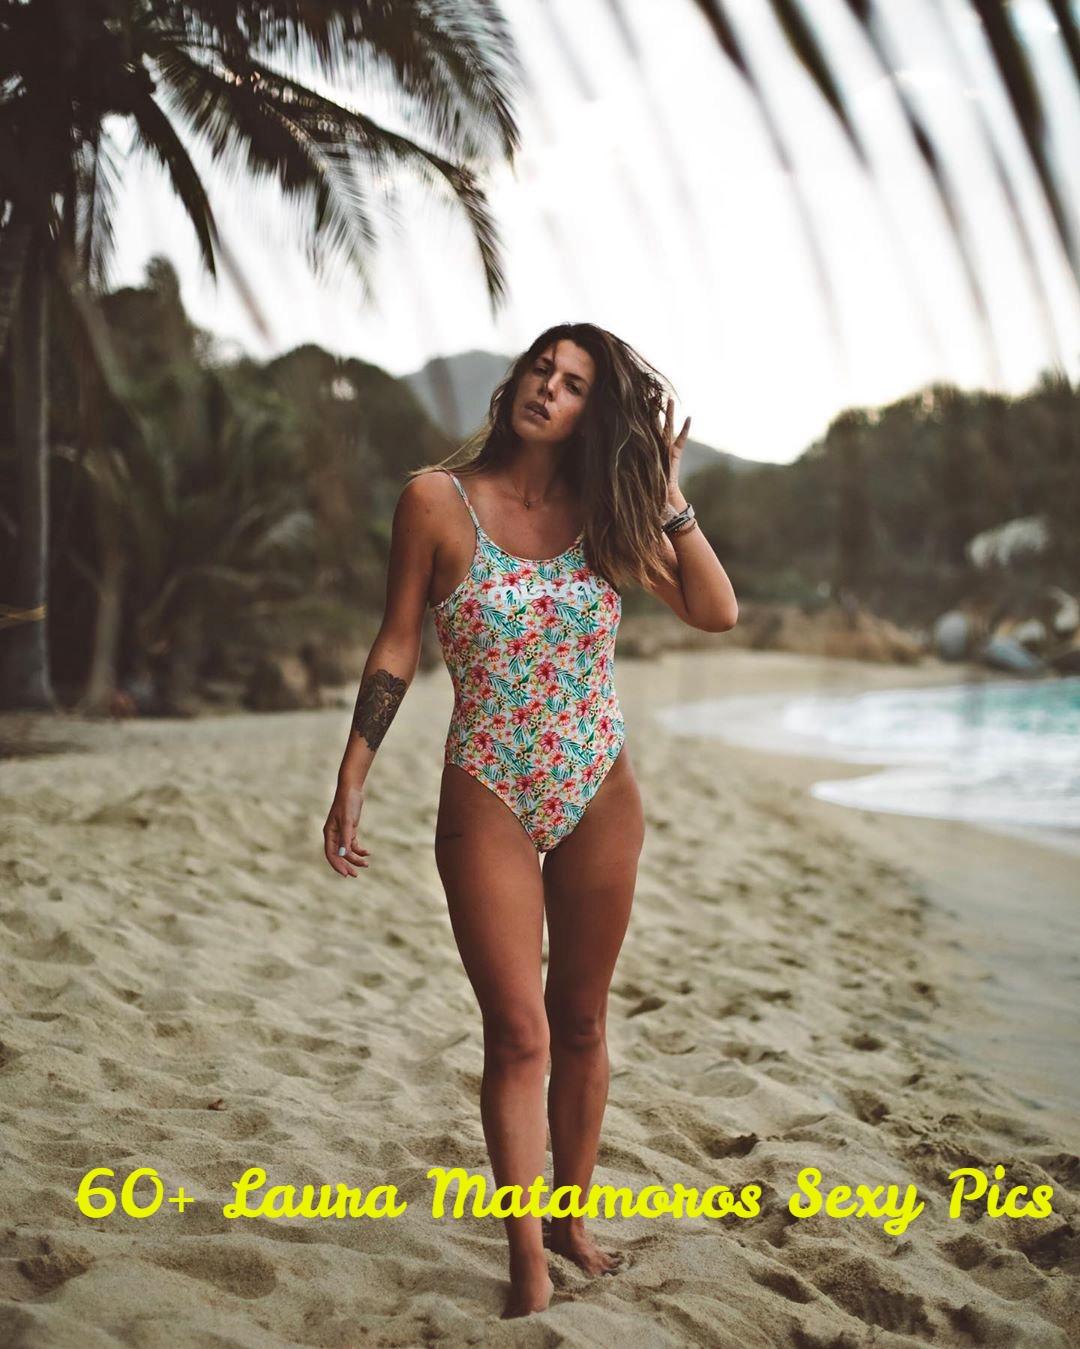 Laura Matamoros hot pics